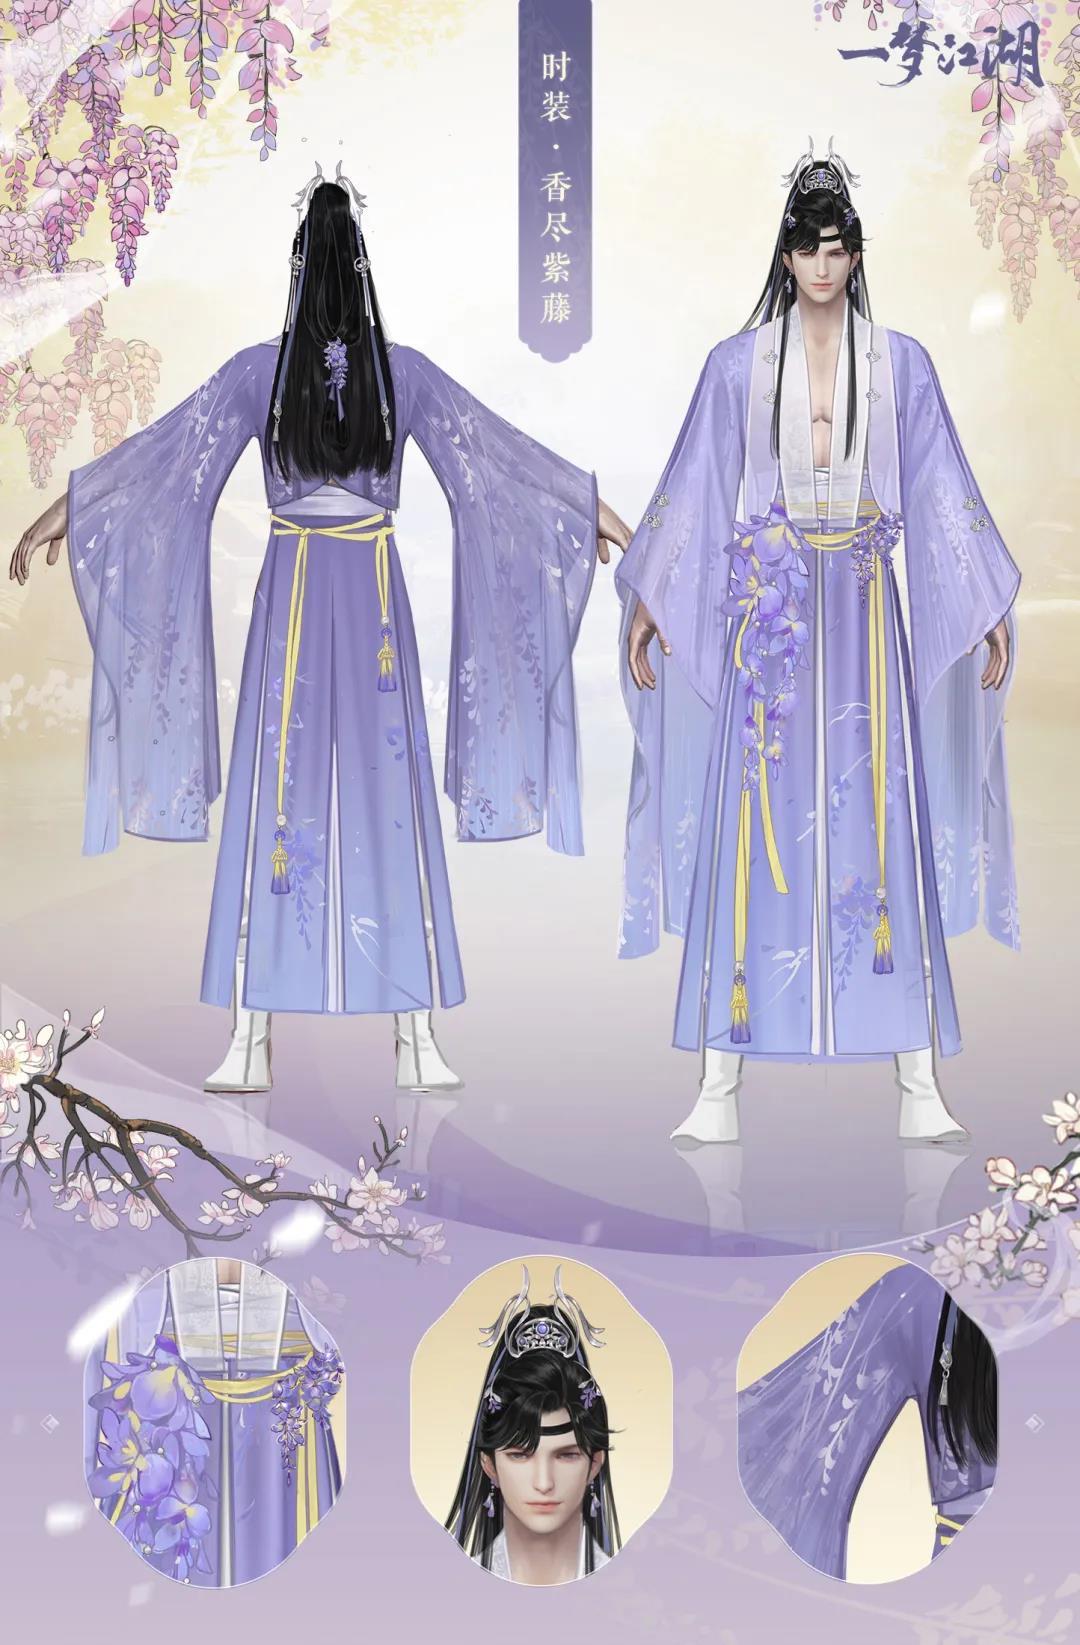 一梦江湖乌鸦时装怎么样?香尽紫藤时装怎么获得?